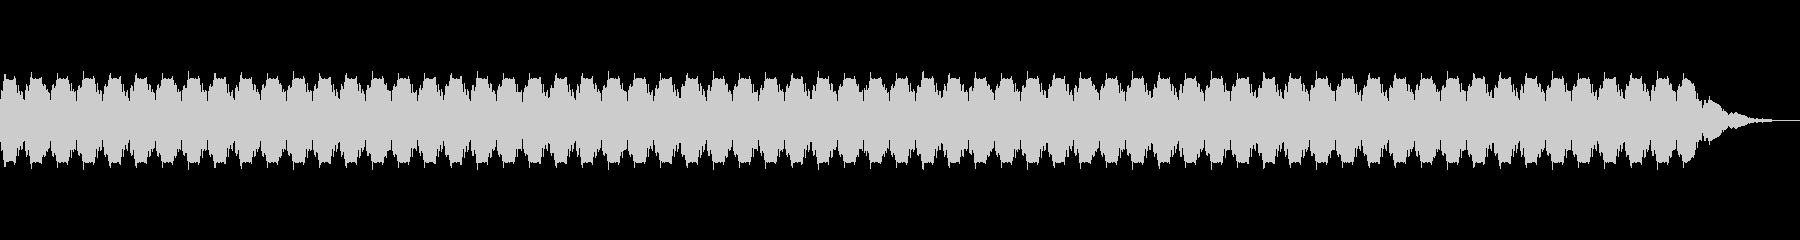 パトカー サイレン 02の未再生の波形